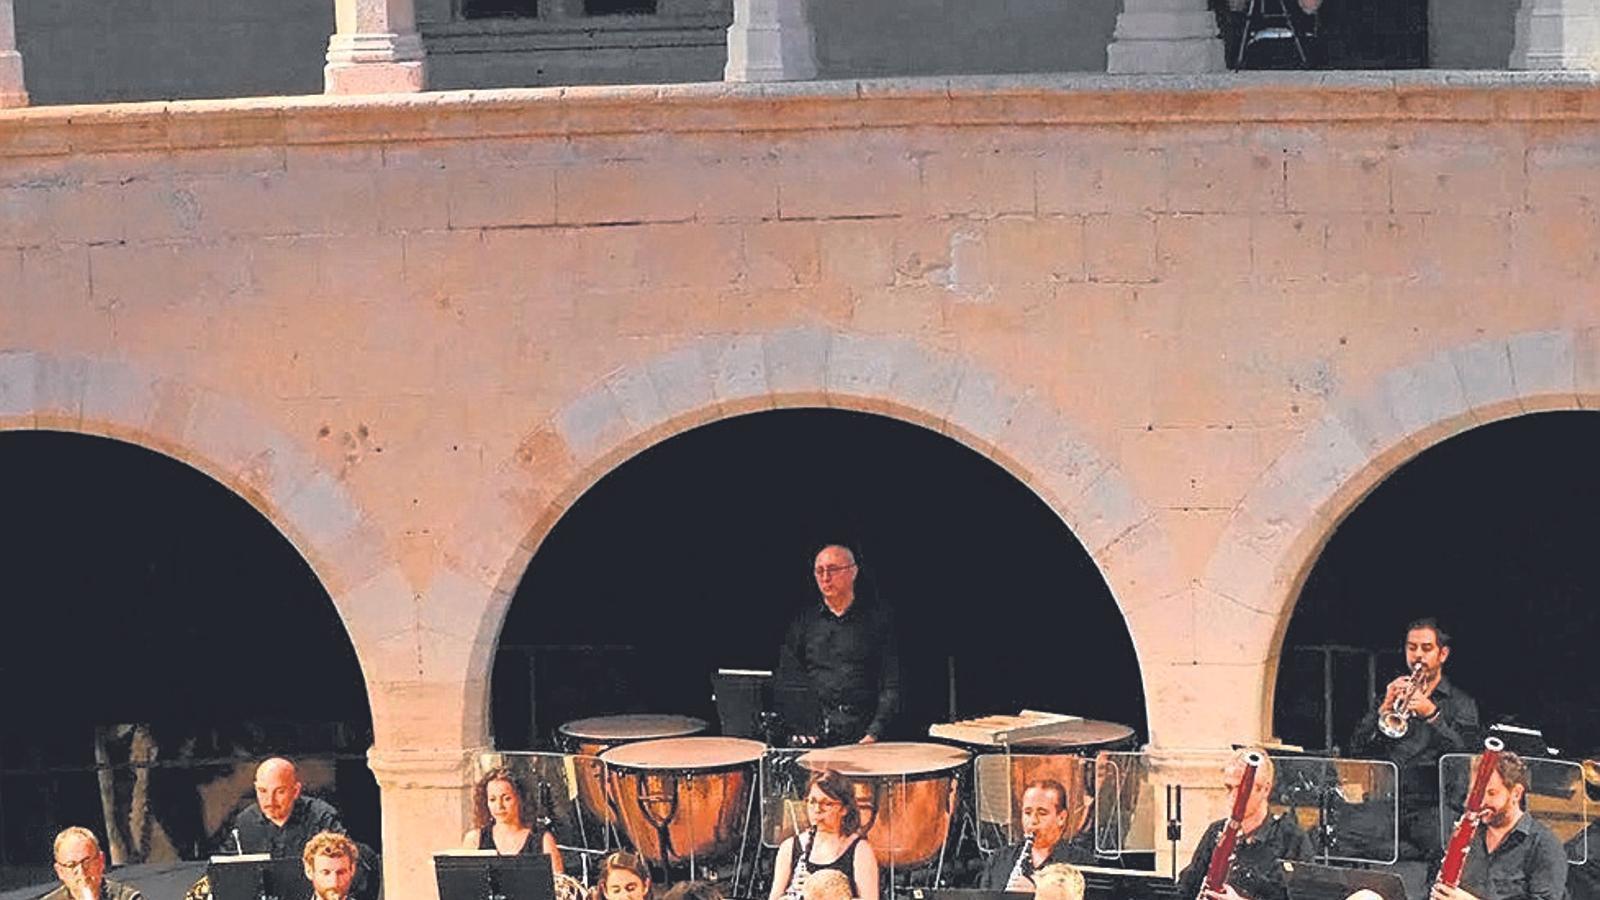 La pianista Khatia Buniatishvili va omplir de gom a gom el castell de Bellver. / OSIB